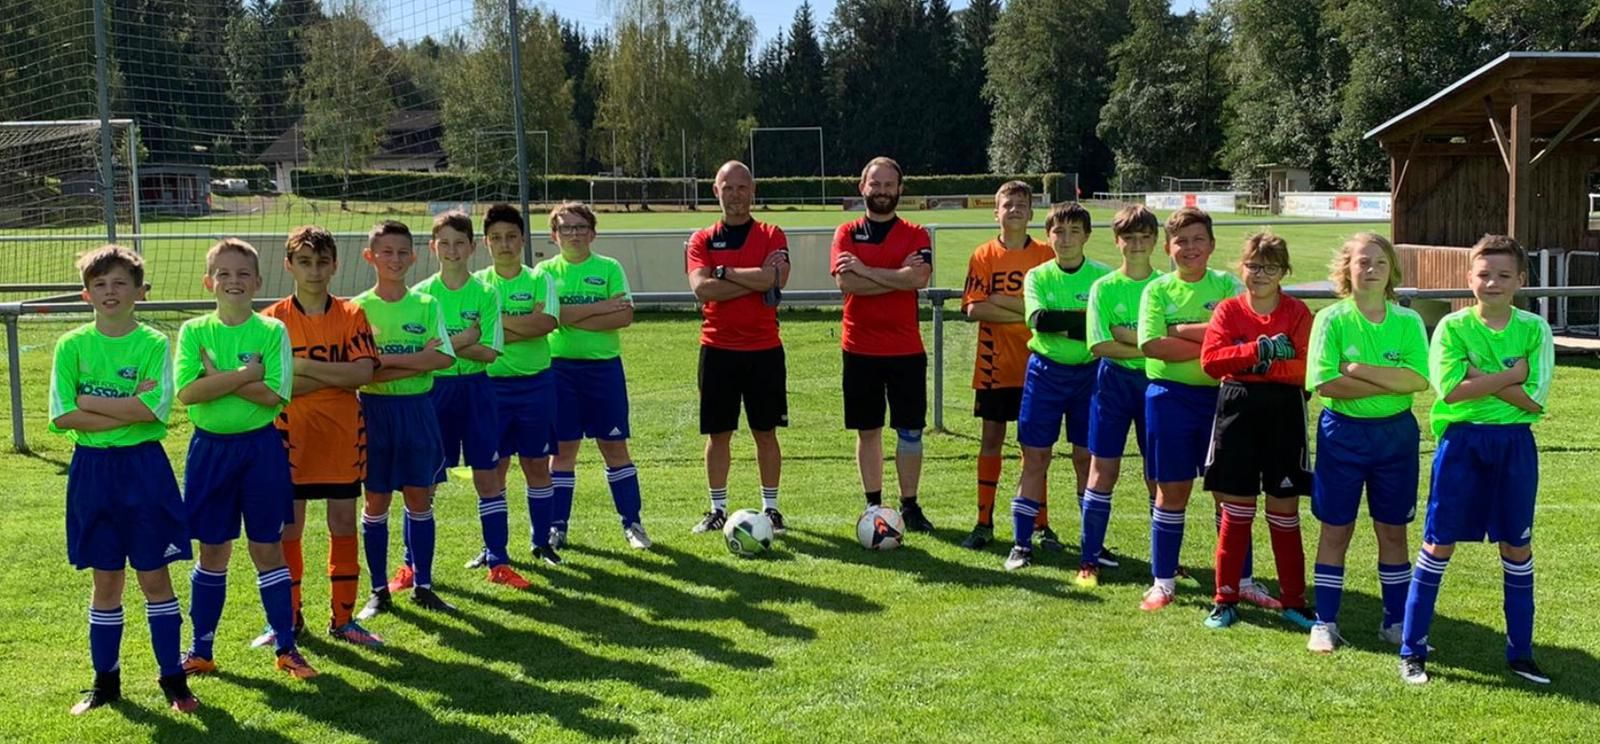 D-Junioren U13 Kreisgruppe 2020/21 - U13 Junioren